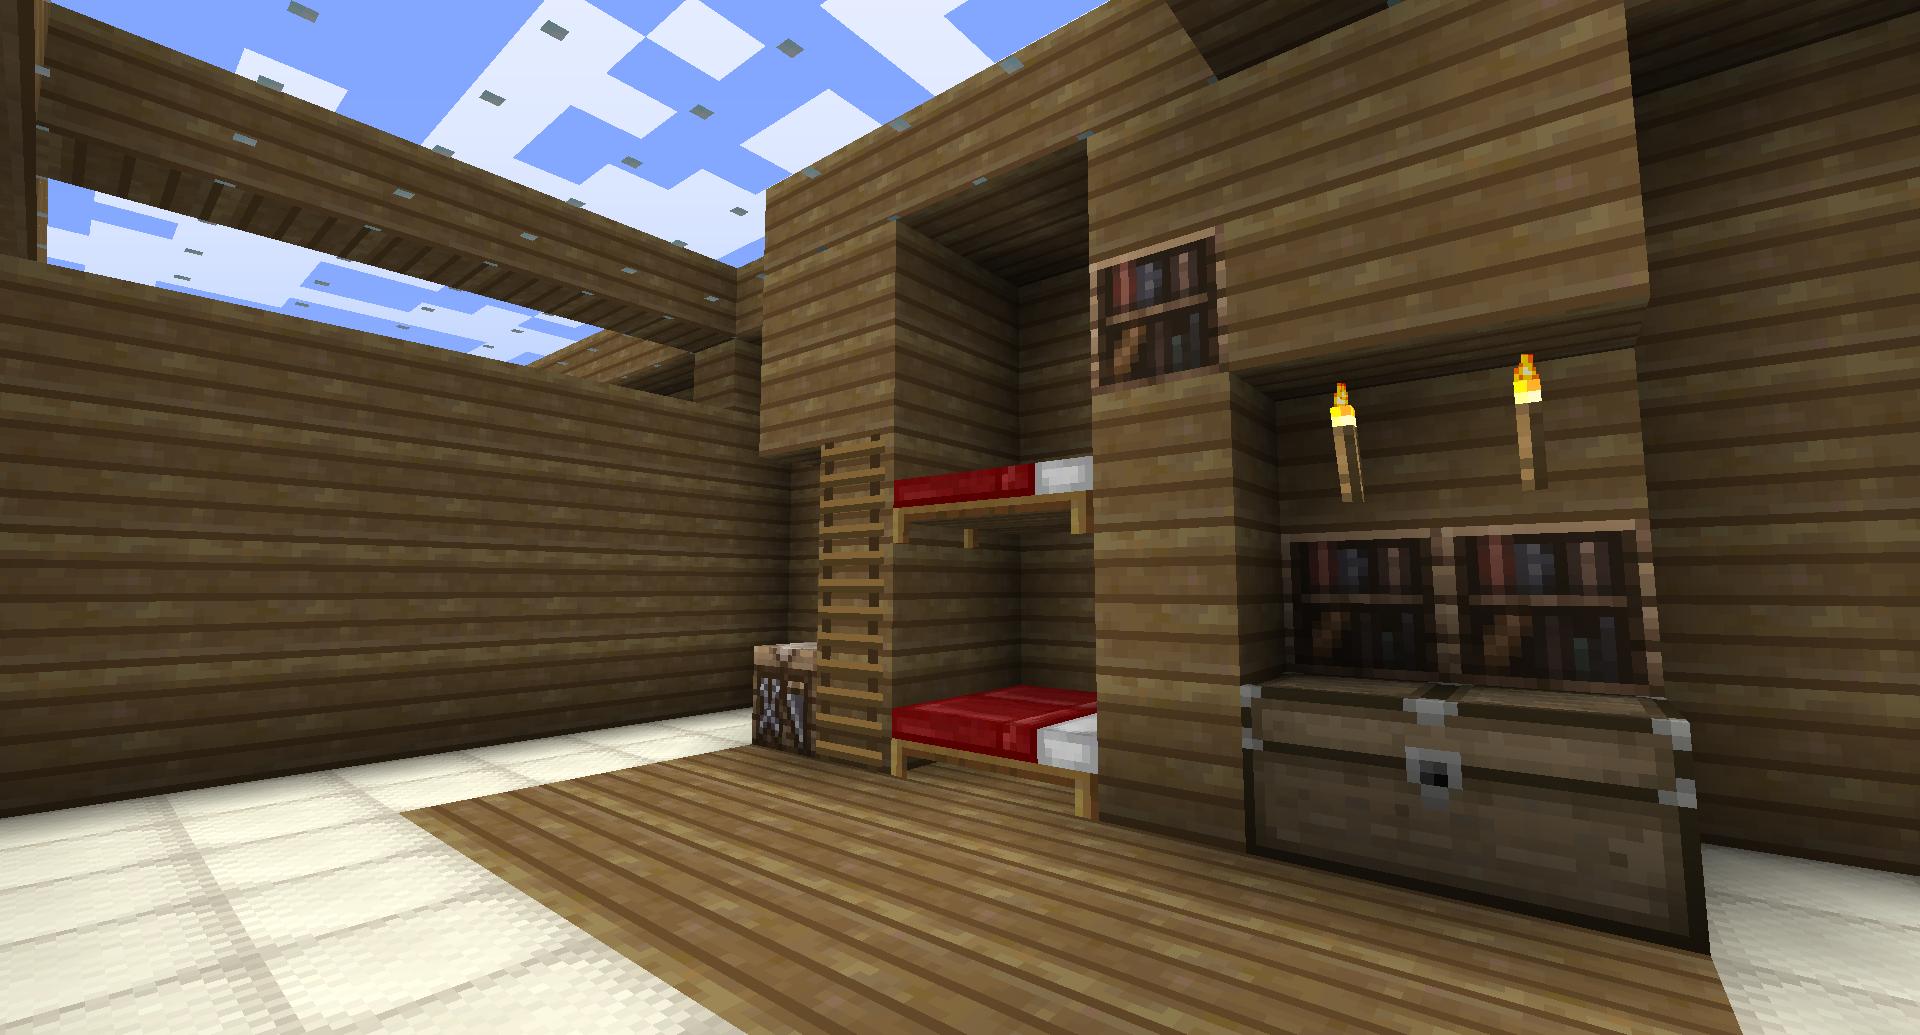 Interior design ideas | Minecraft interior design ...